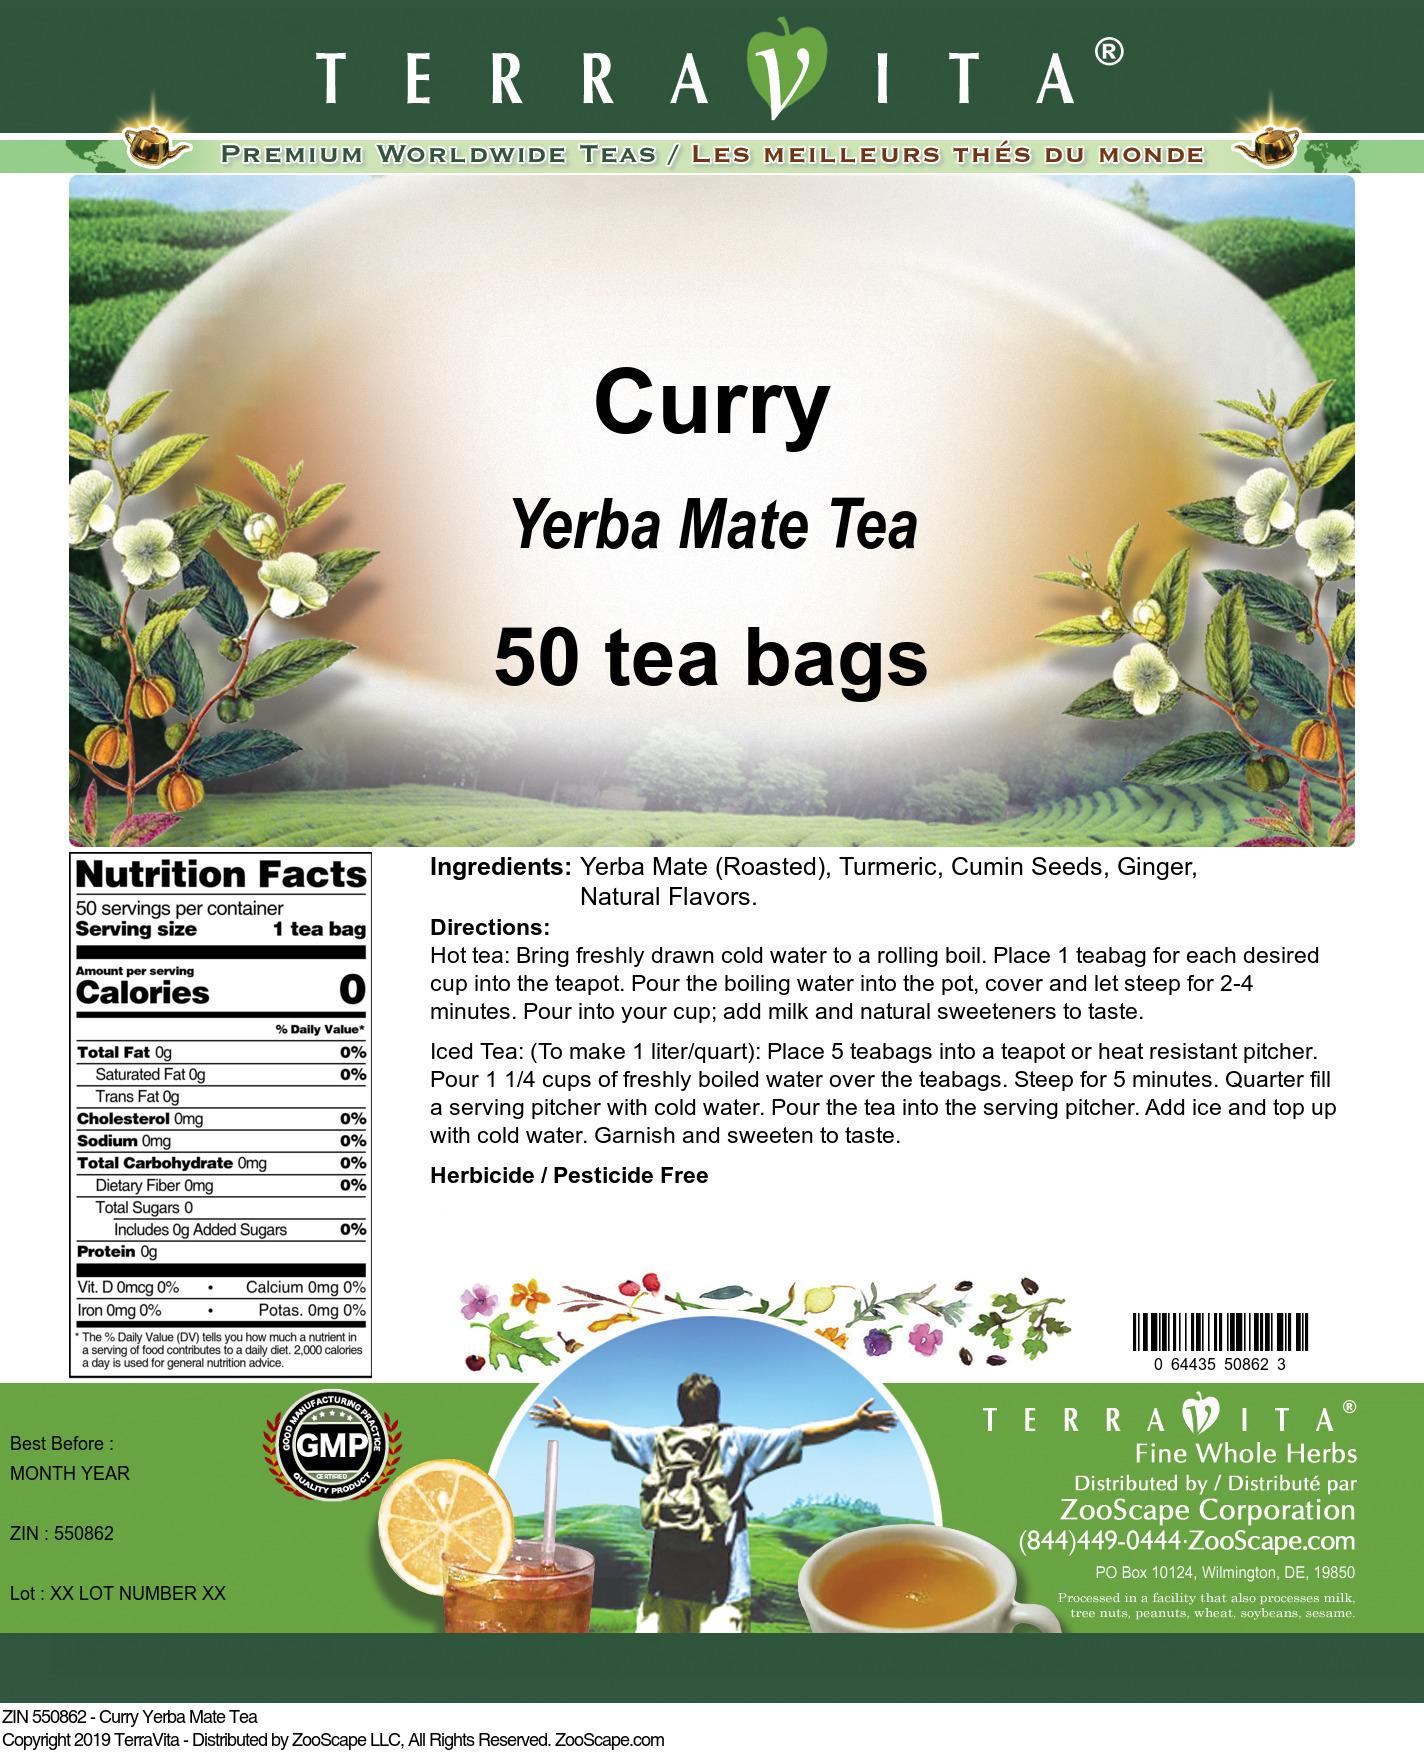 Curry Yerba Mate Tea